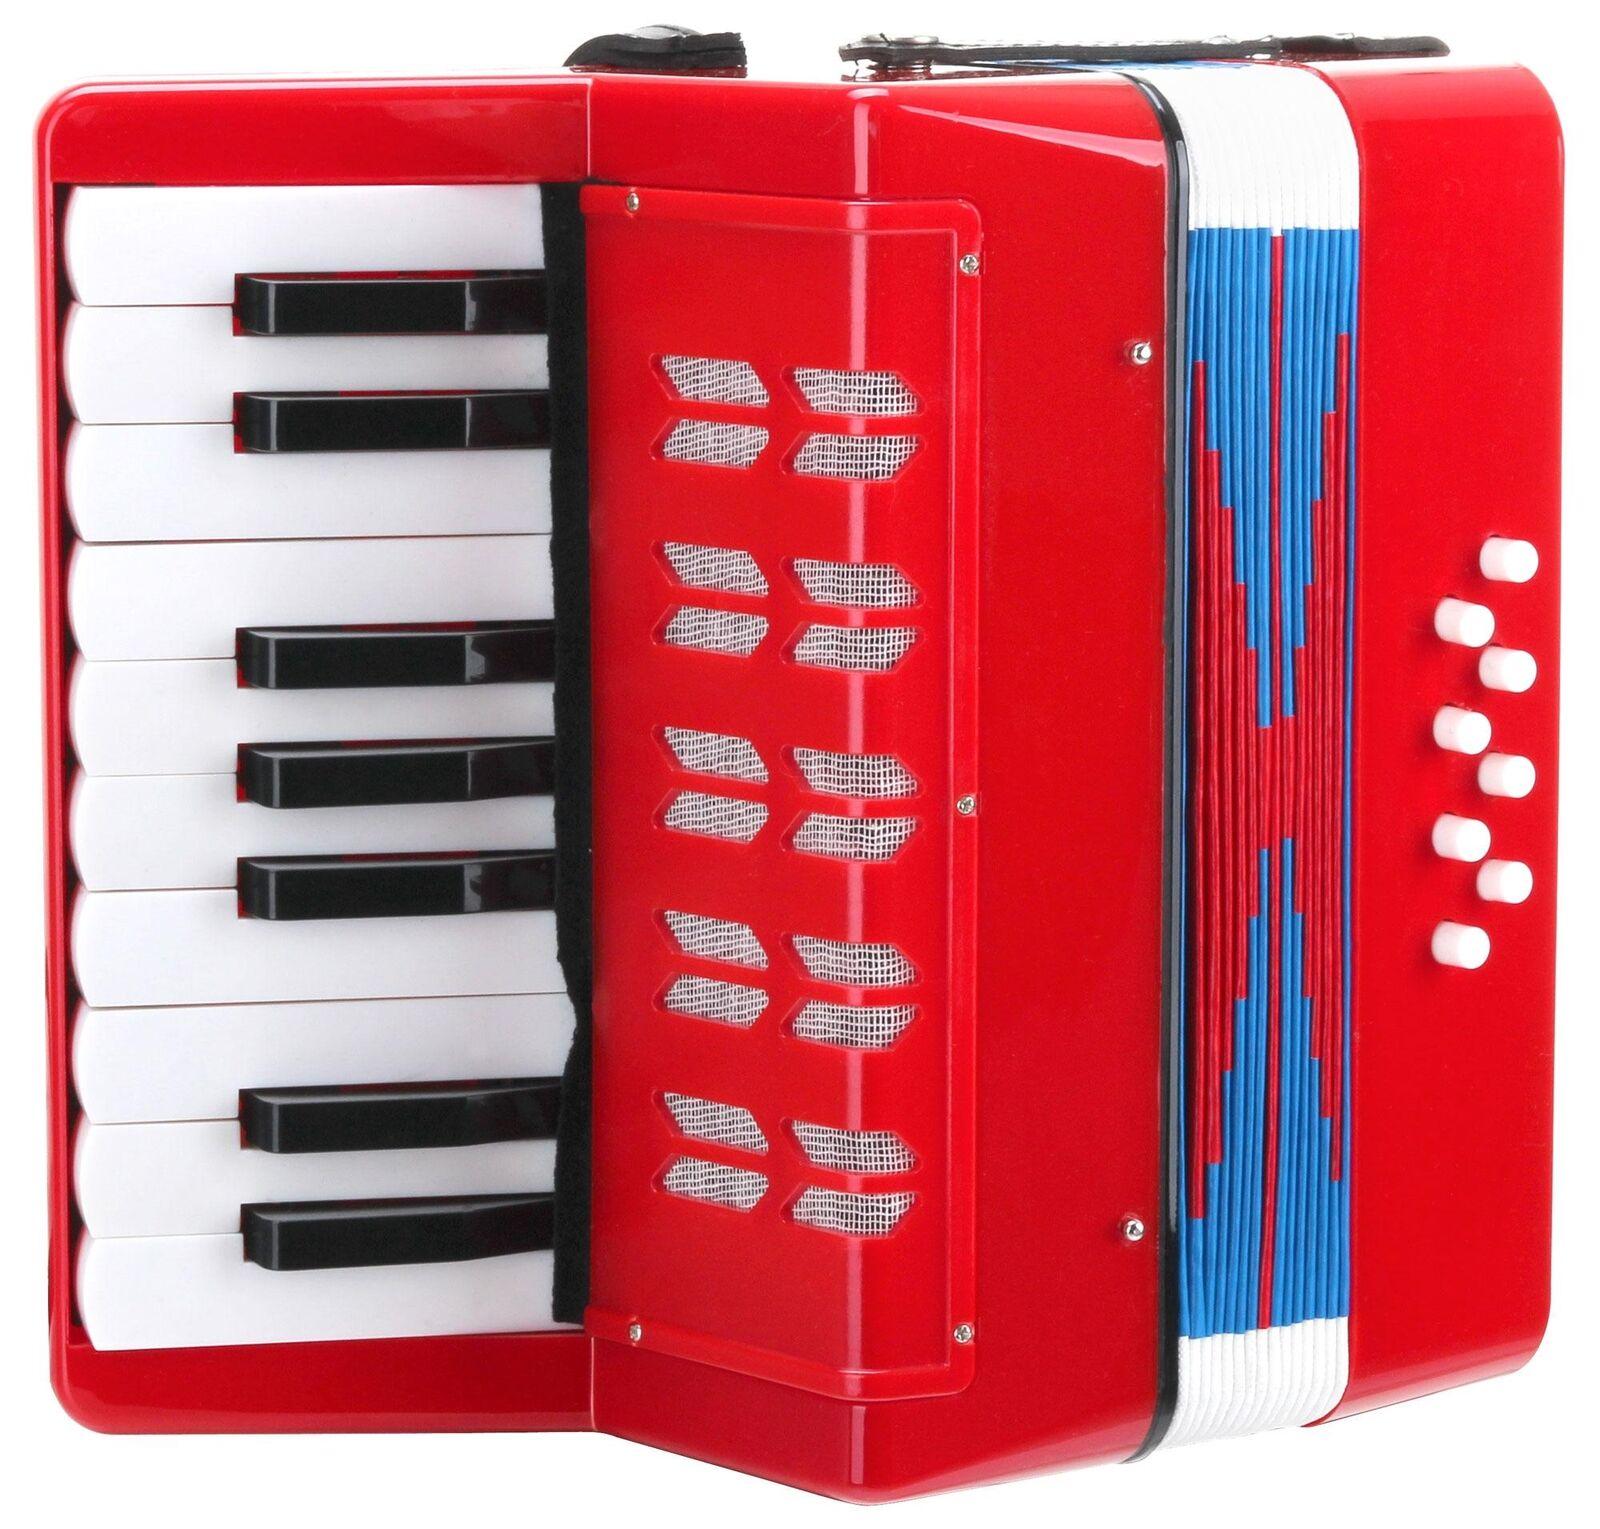 B-WARE 8-Bass Kinder Akkordeon 17 Noten Klavier Ziehharmonika Schulter Riemen